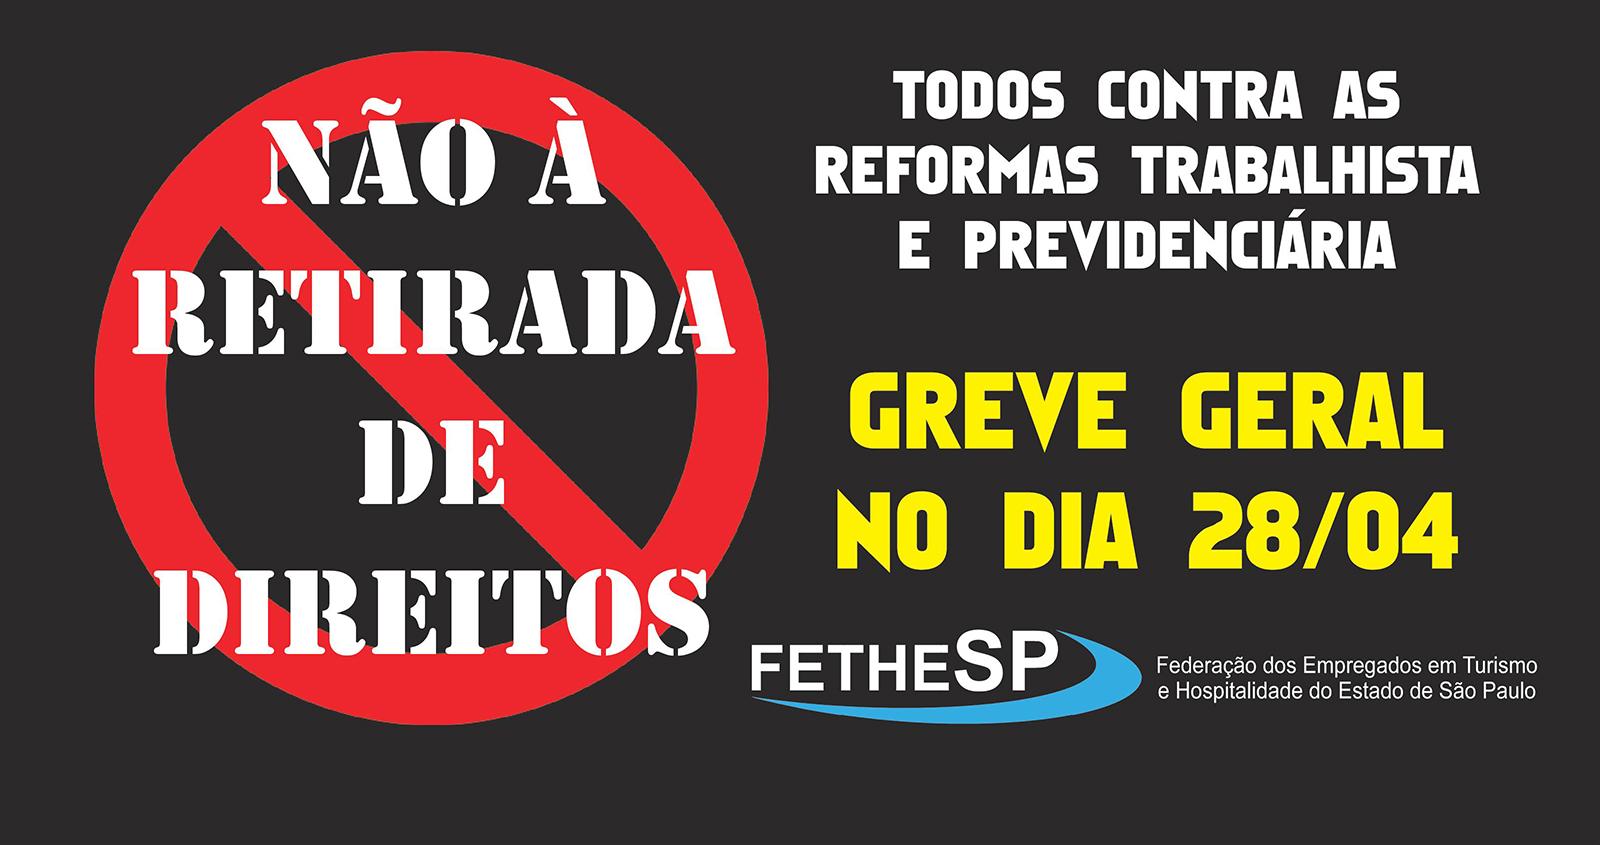 Manifesto contra as reformas trabalhista e previdenciária